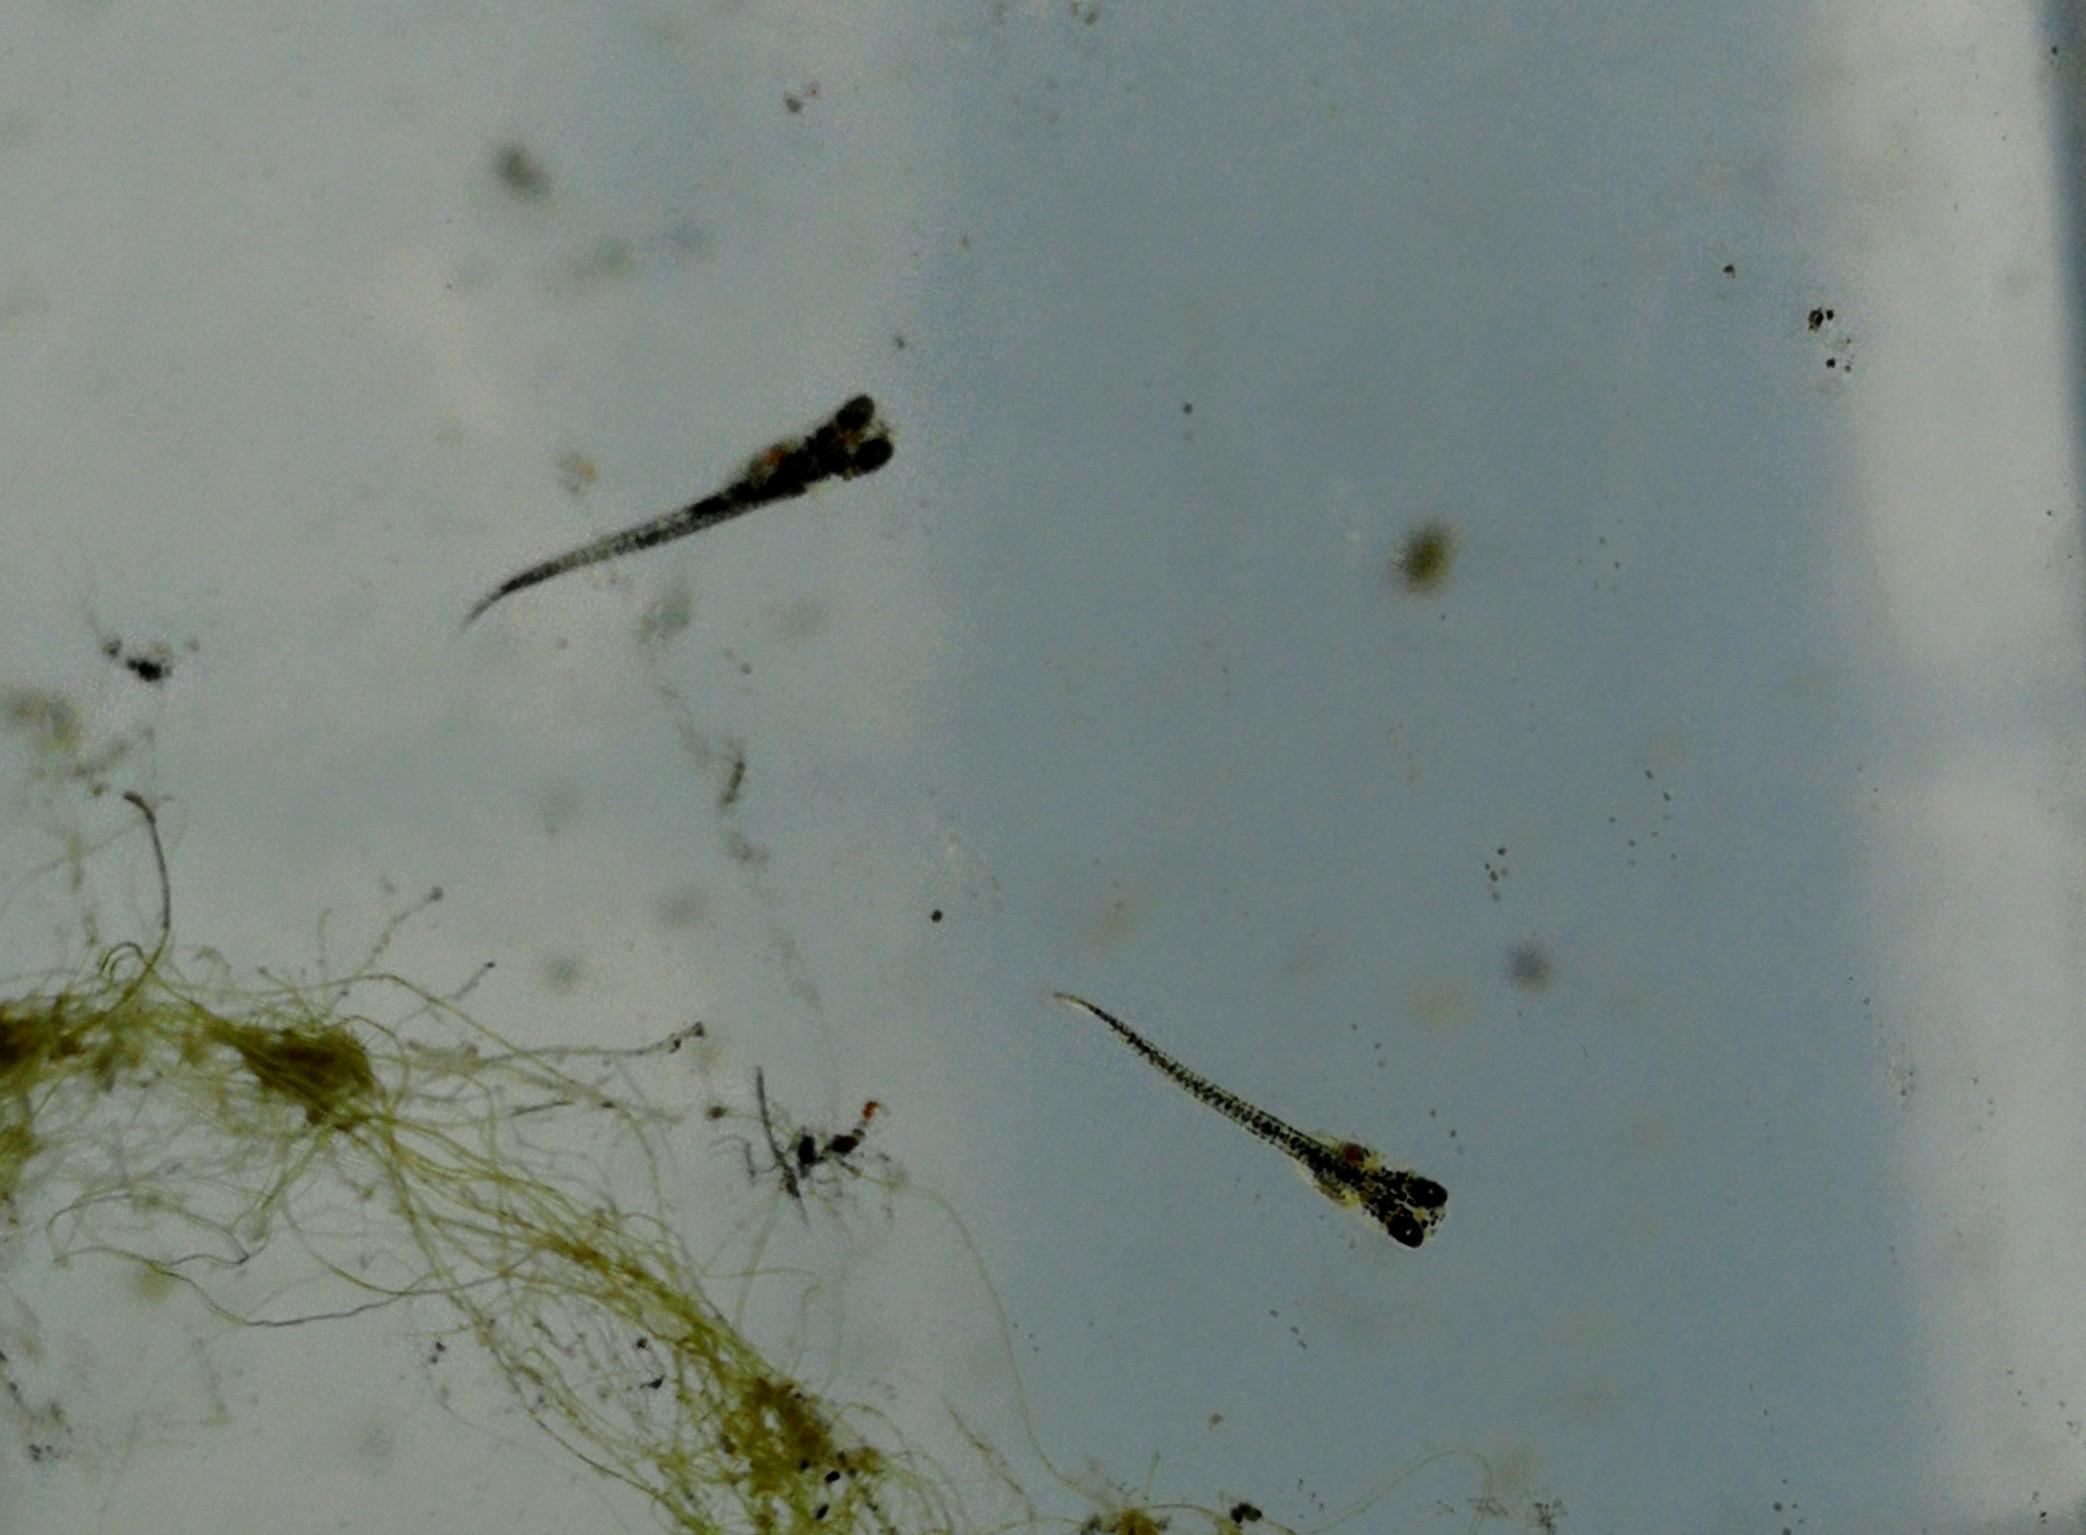 孵化したばかりの黒メダカの針子